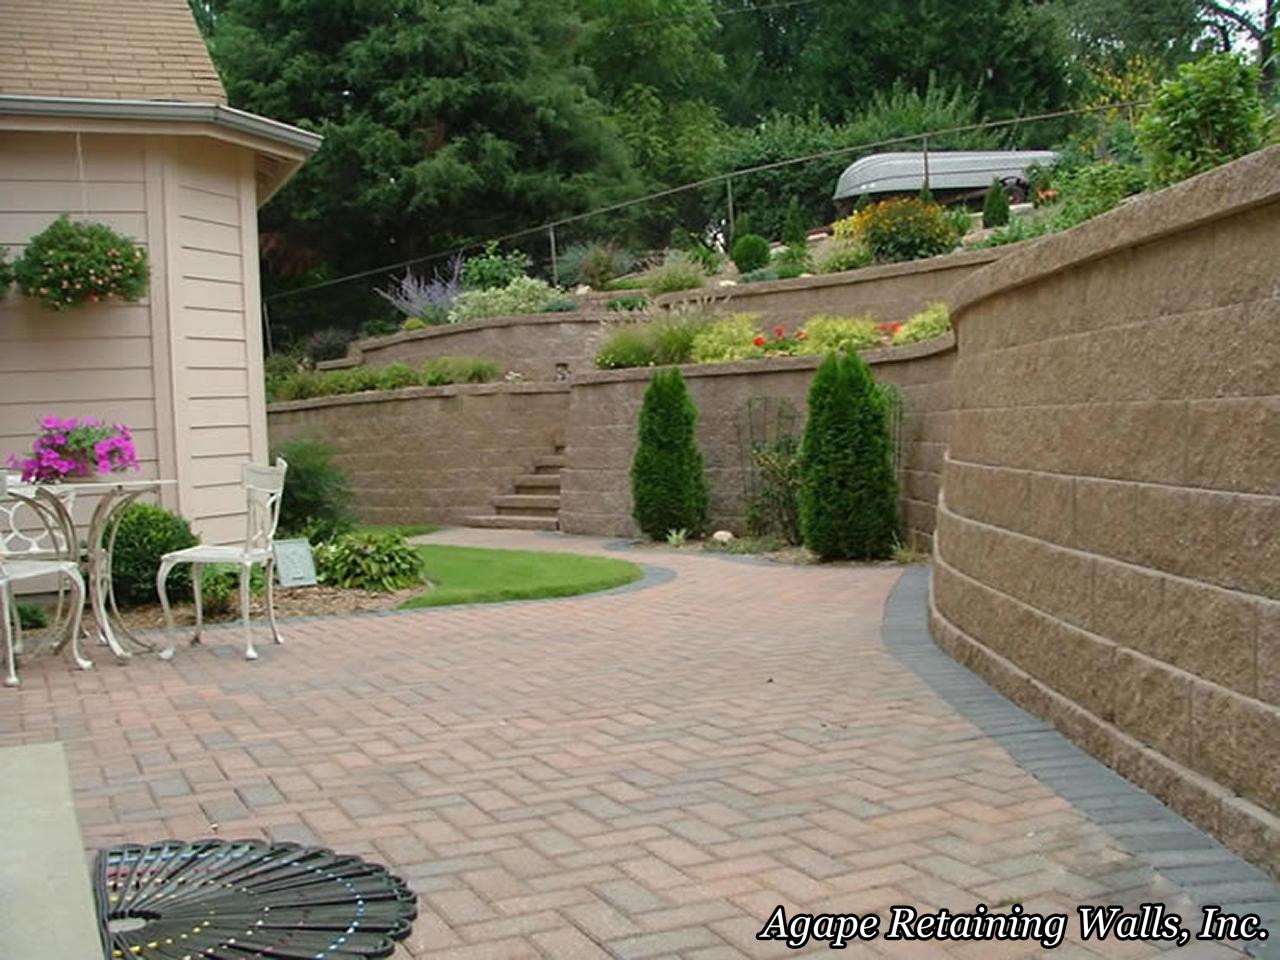 agape retaining walls, inc terrace photo album 2